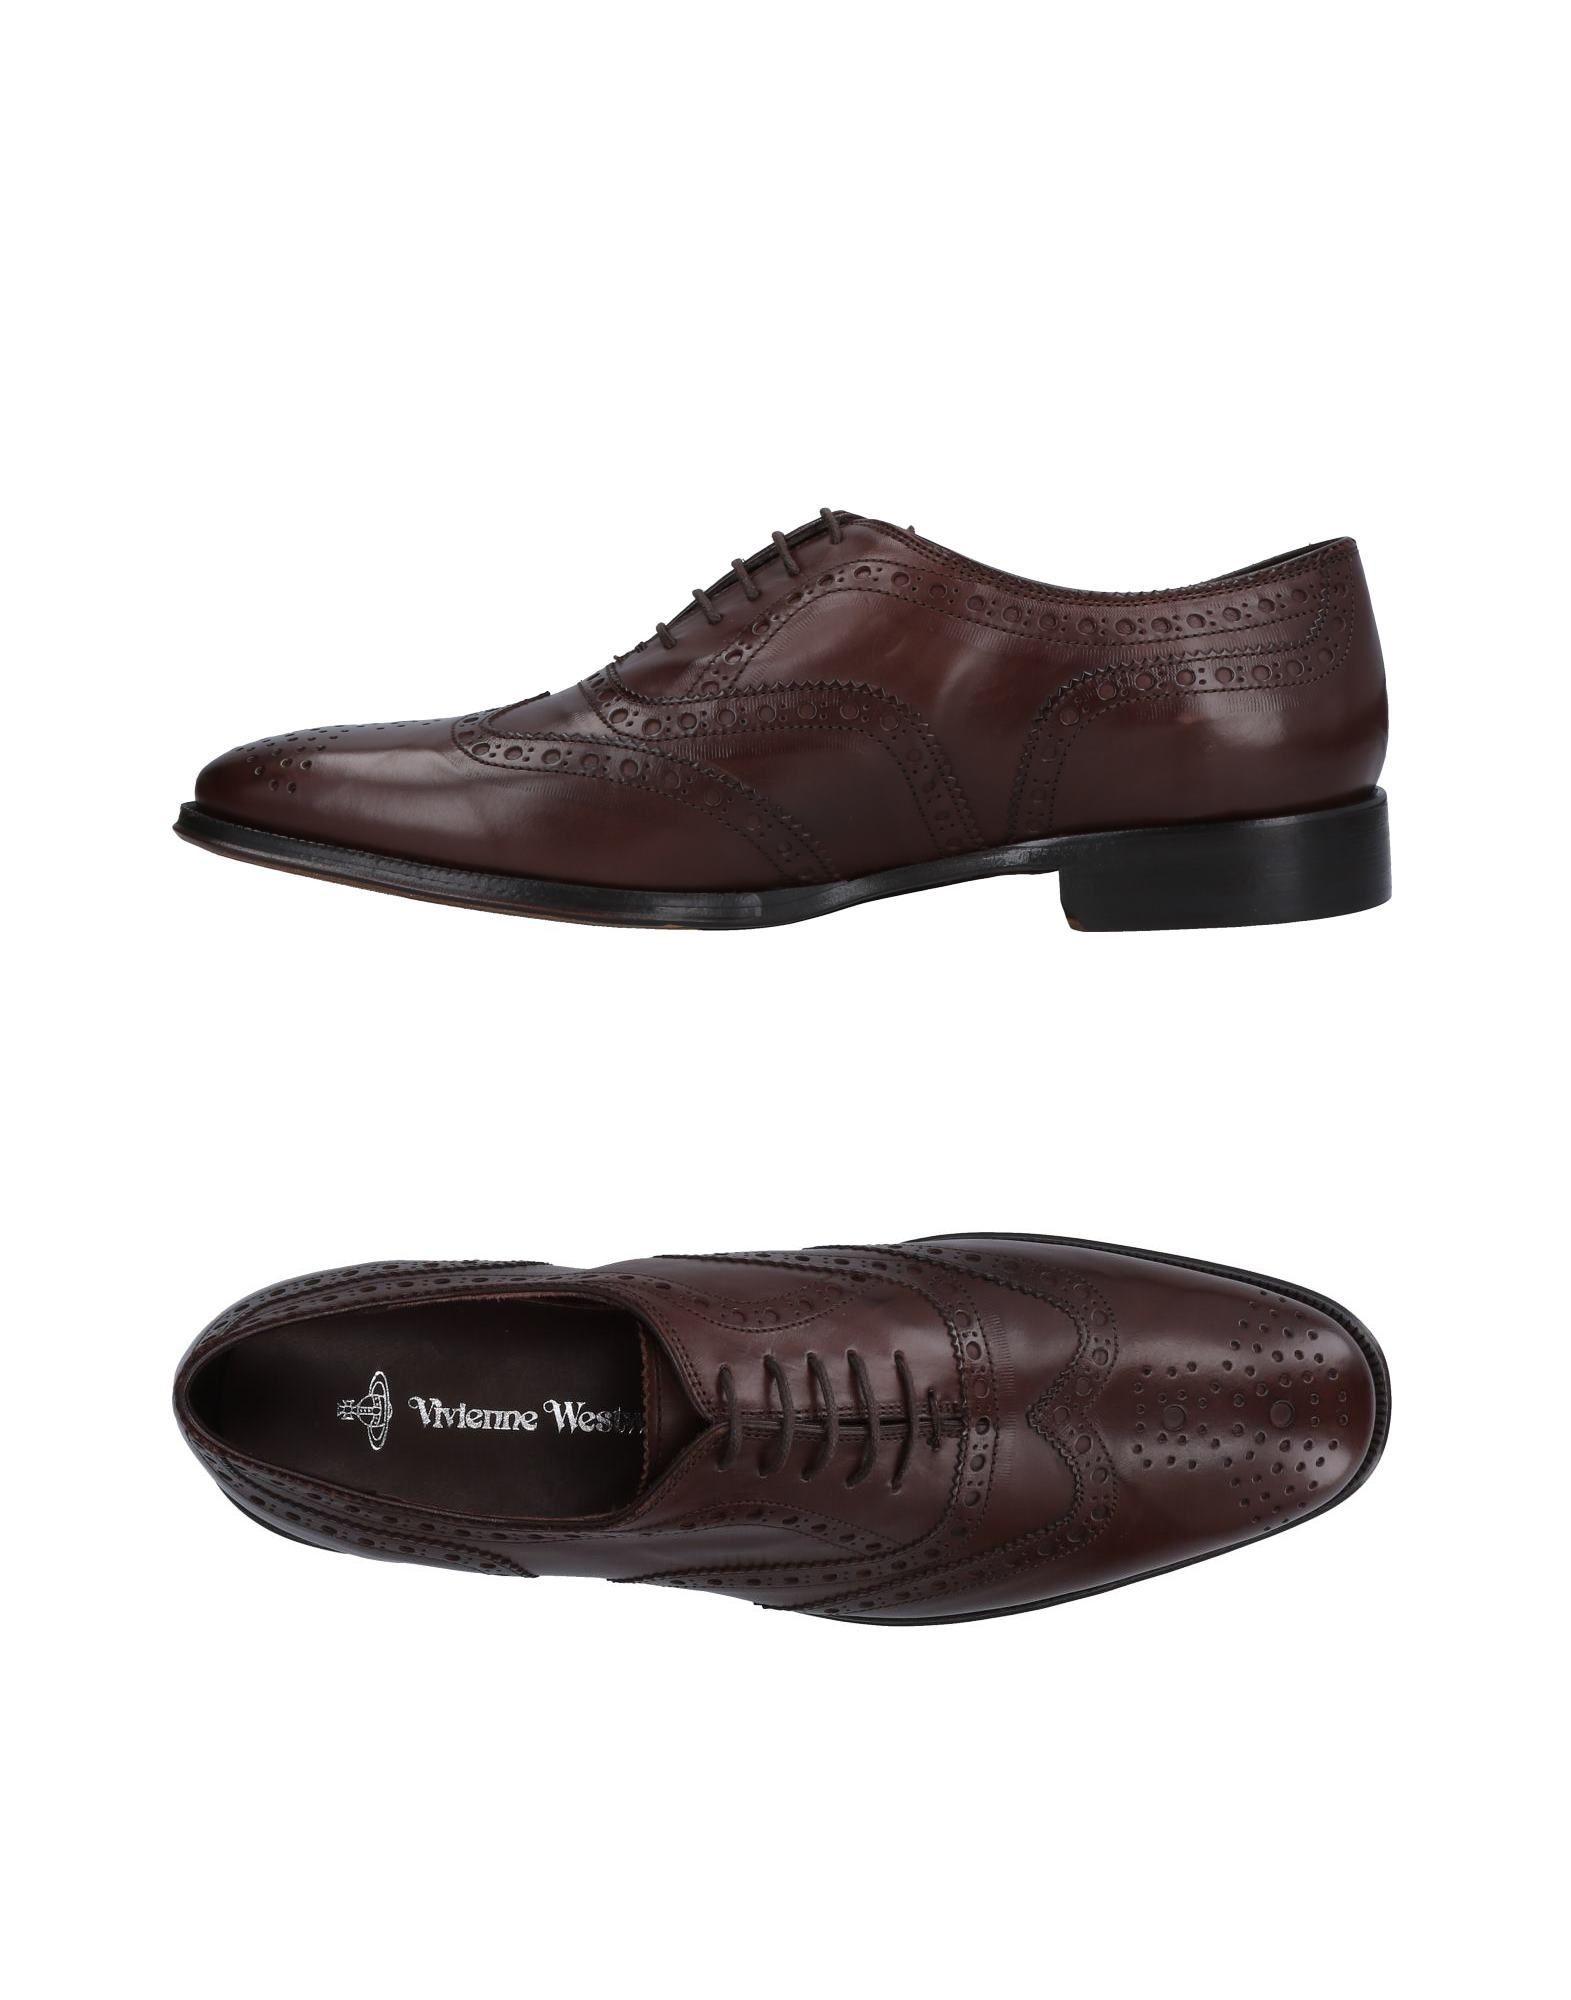 Vivienne Westwood Schnürschuhe Herren  11521537UP Gute Qualität beliebte Schuhe